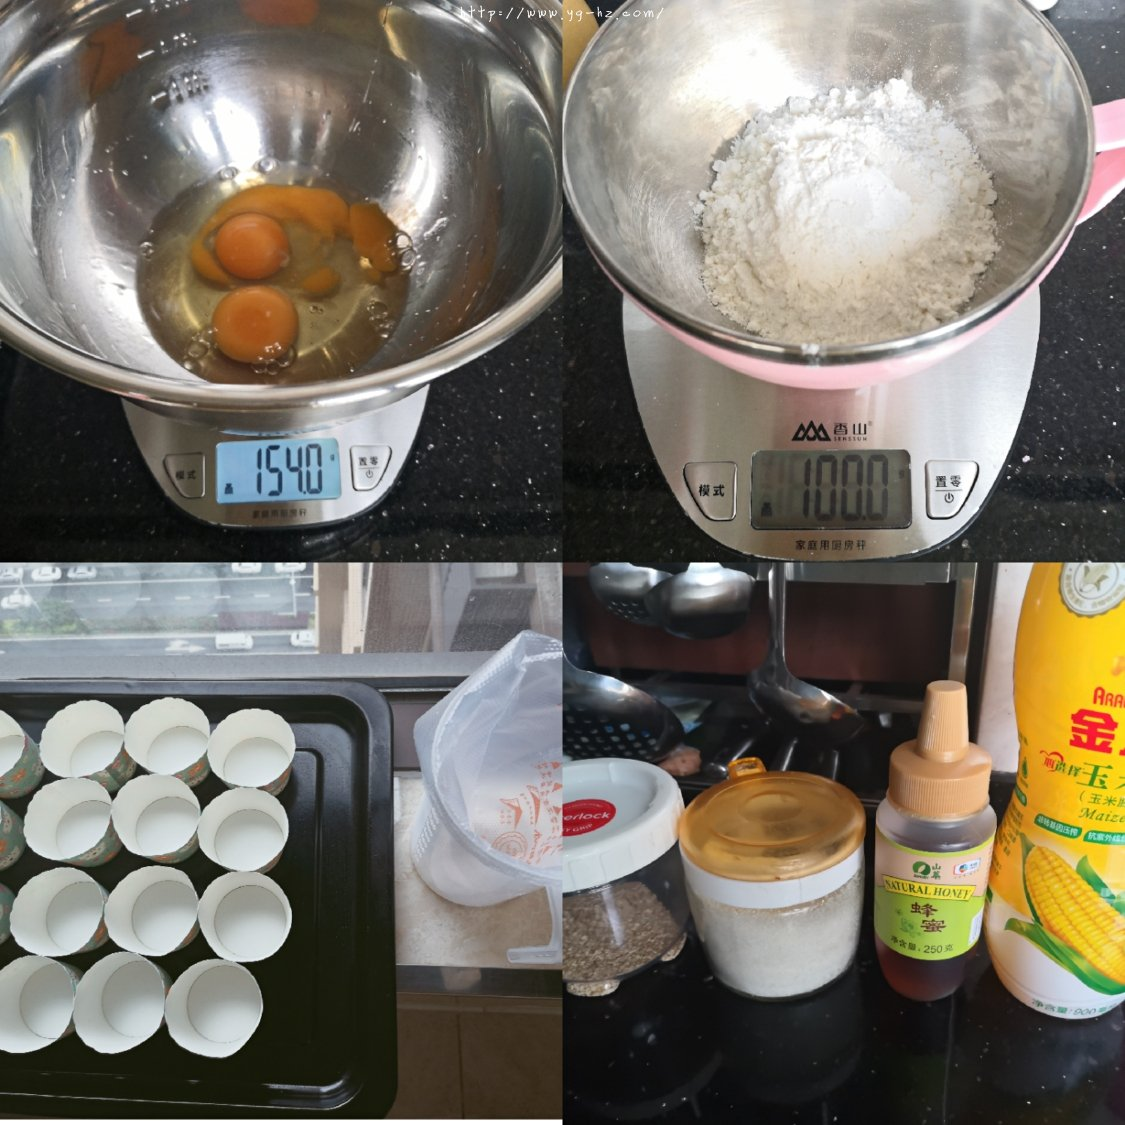 30分钟搞定的无水蜂蜜脆皮蛋糕(全蛋打发)的做法 步骤1